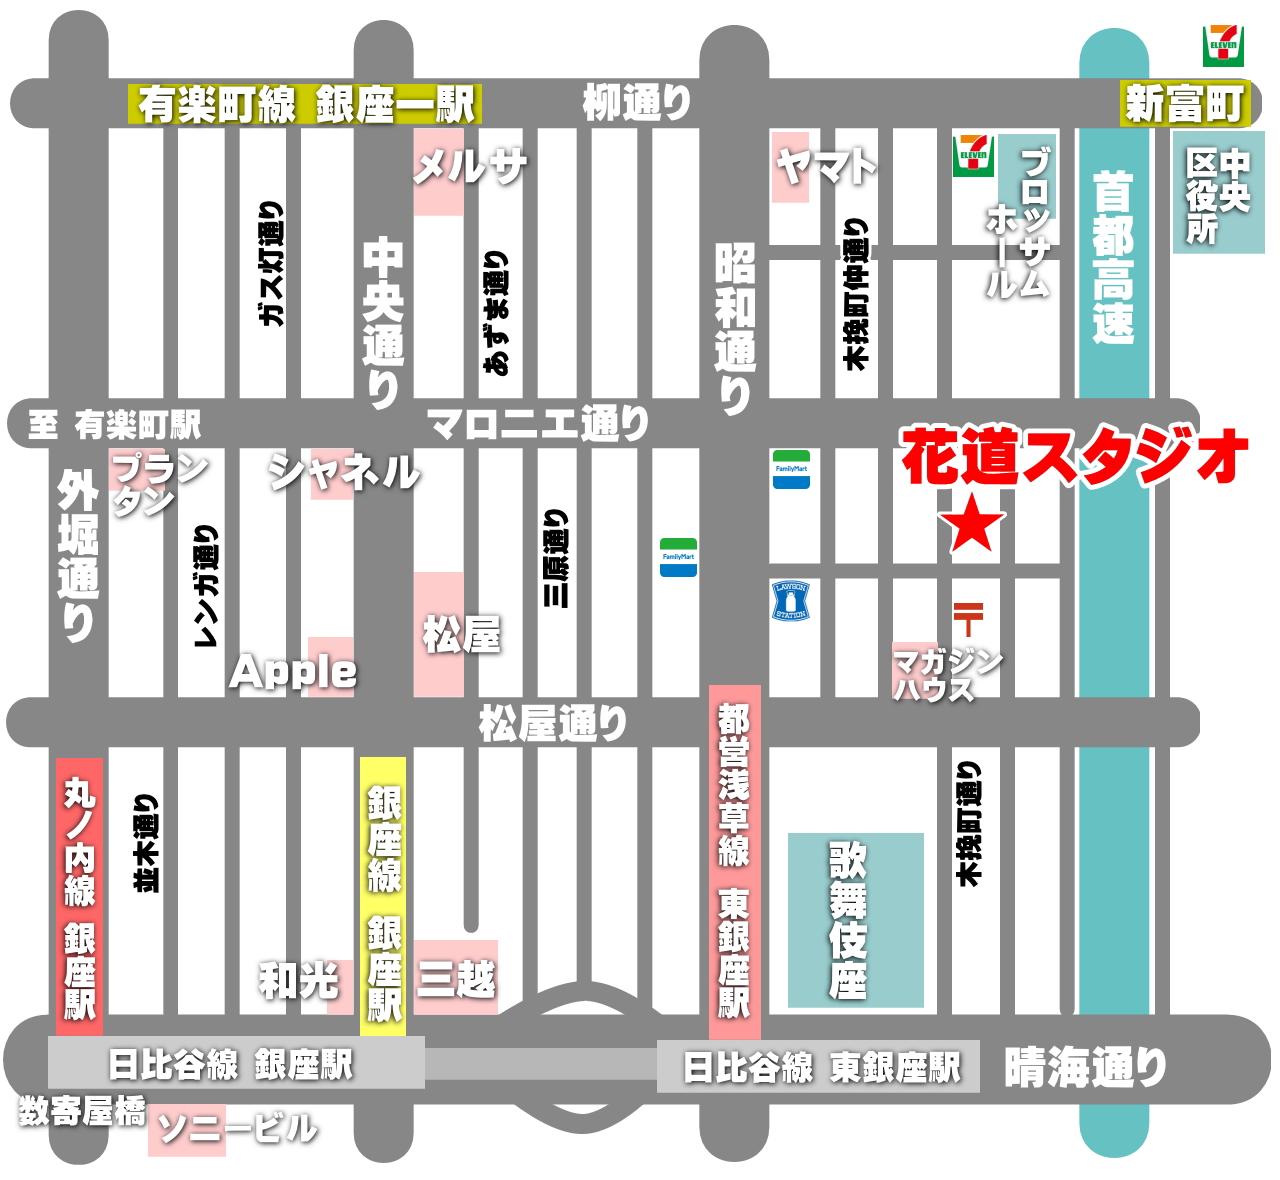 銀座 レンタルスタジオ「花道」の行き方、道順、アクセスマップ